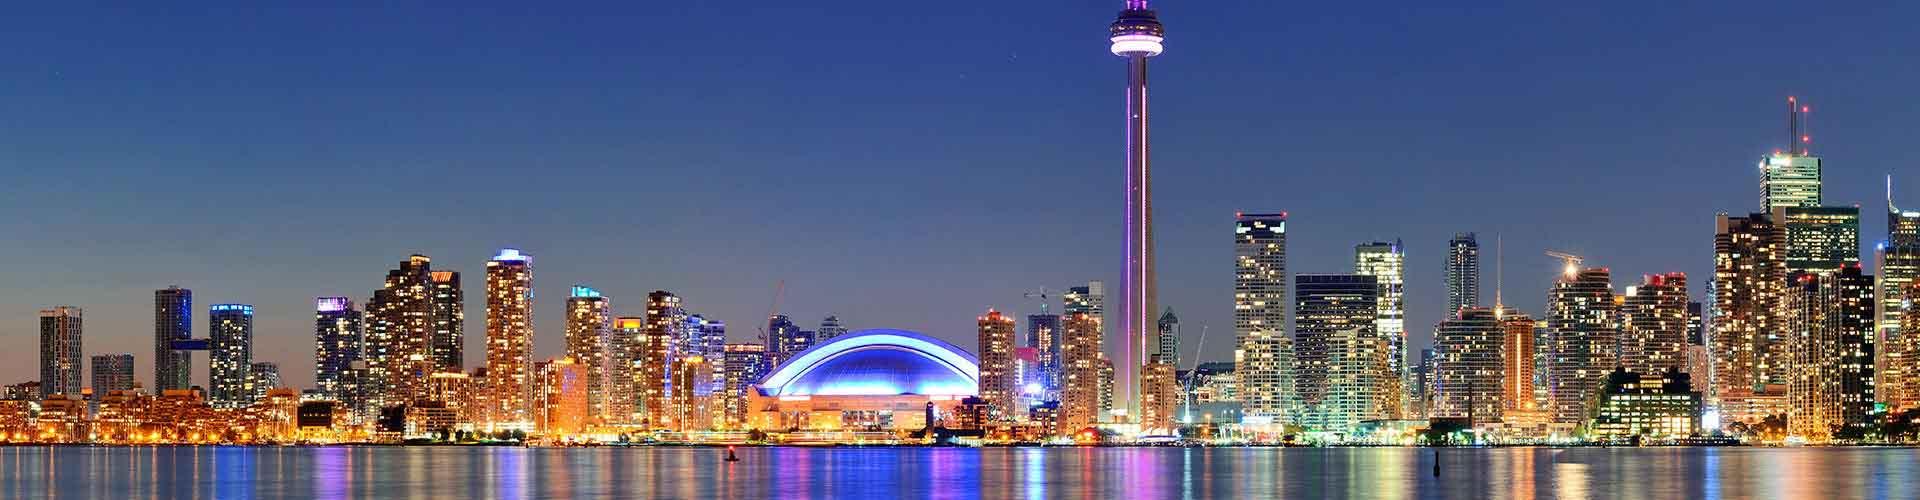 토론토 - Trinity Spadina 지구의 호스텔. 토론토의 지도, 토론토에 위치한 호스텔 사진 및 후기 정보.